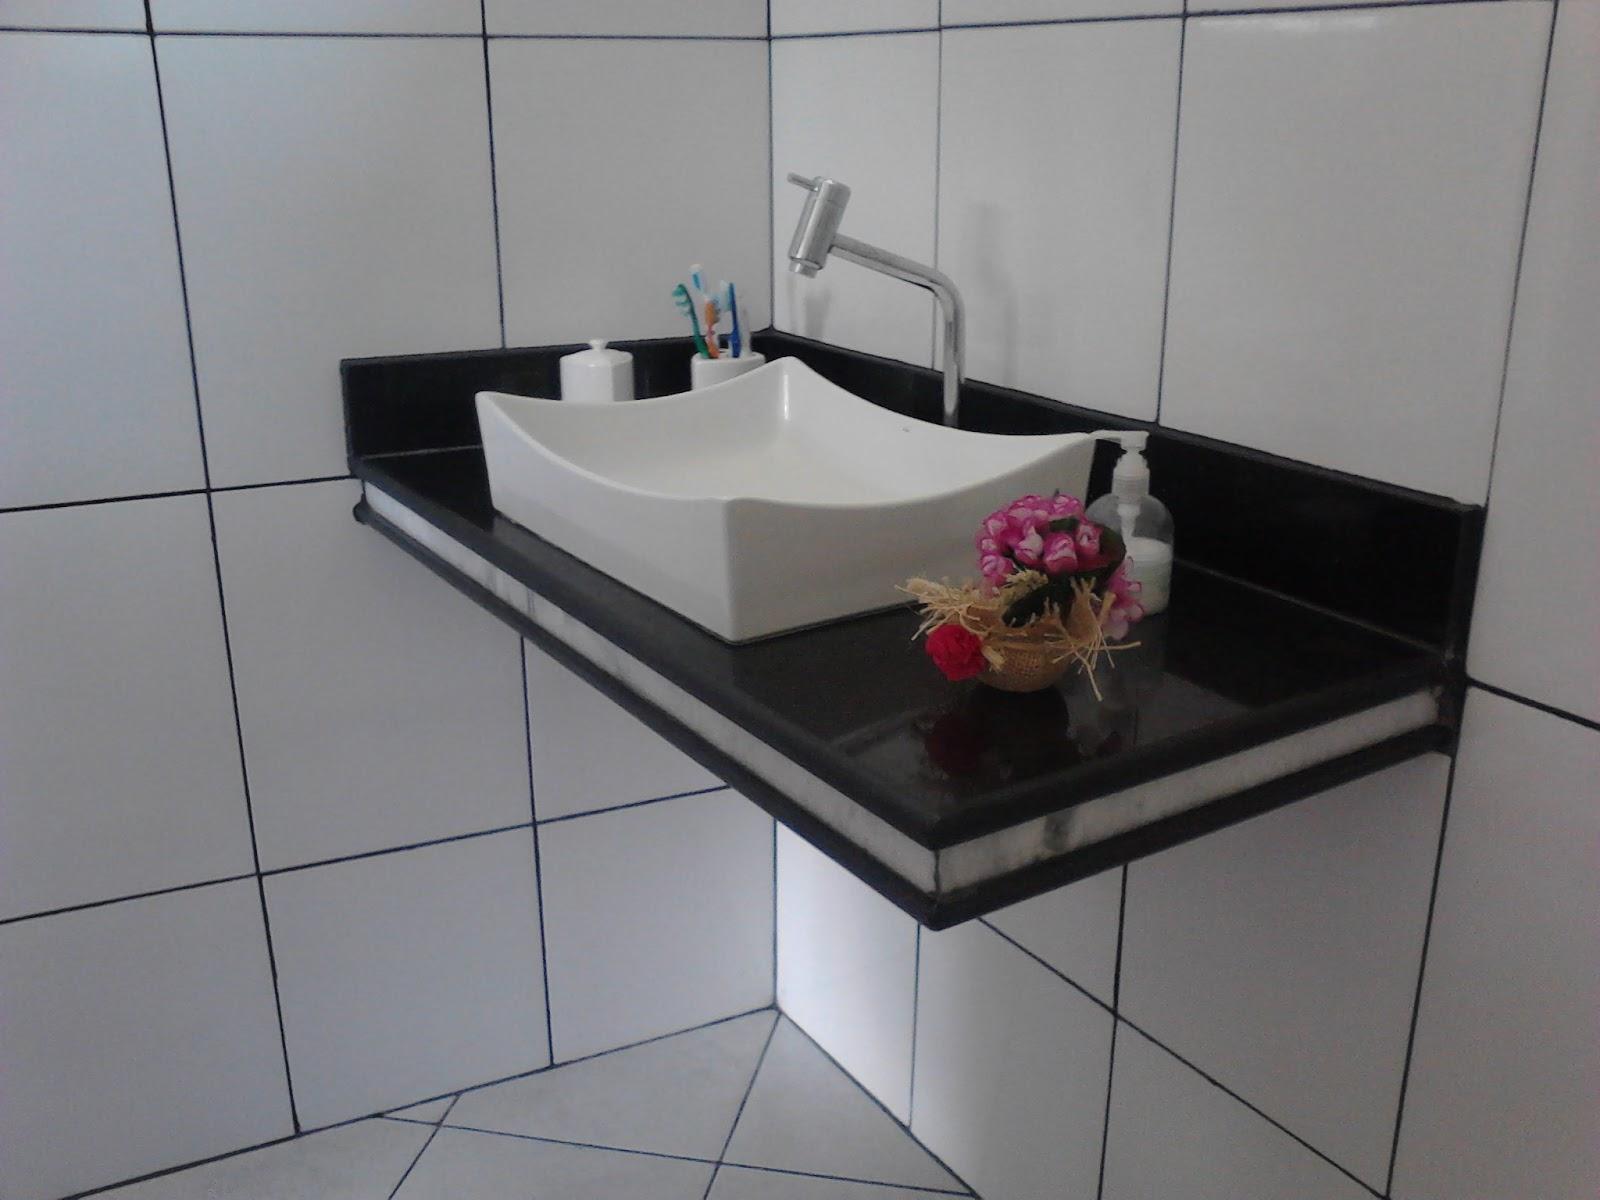 Pin Fotos De Granito Filetes Para Box Blindex Banheiro 71 8666 8999  #633B3C 1600x1200 Banheiro Com Blindex Preto